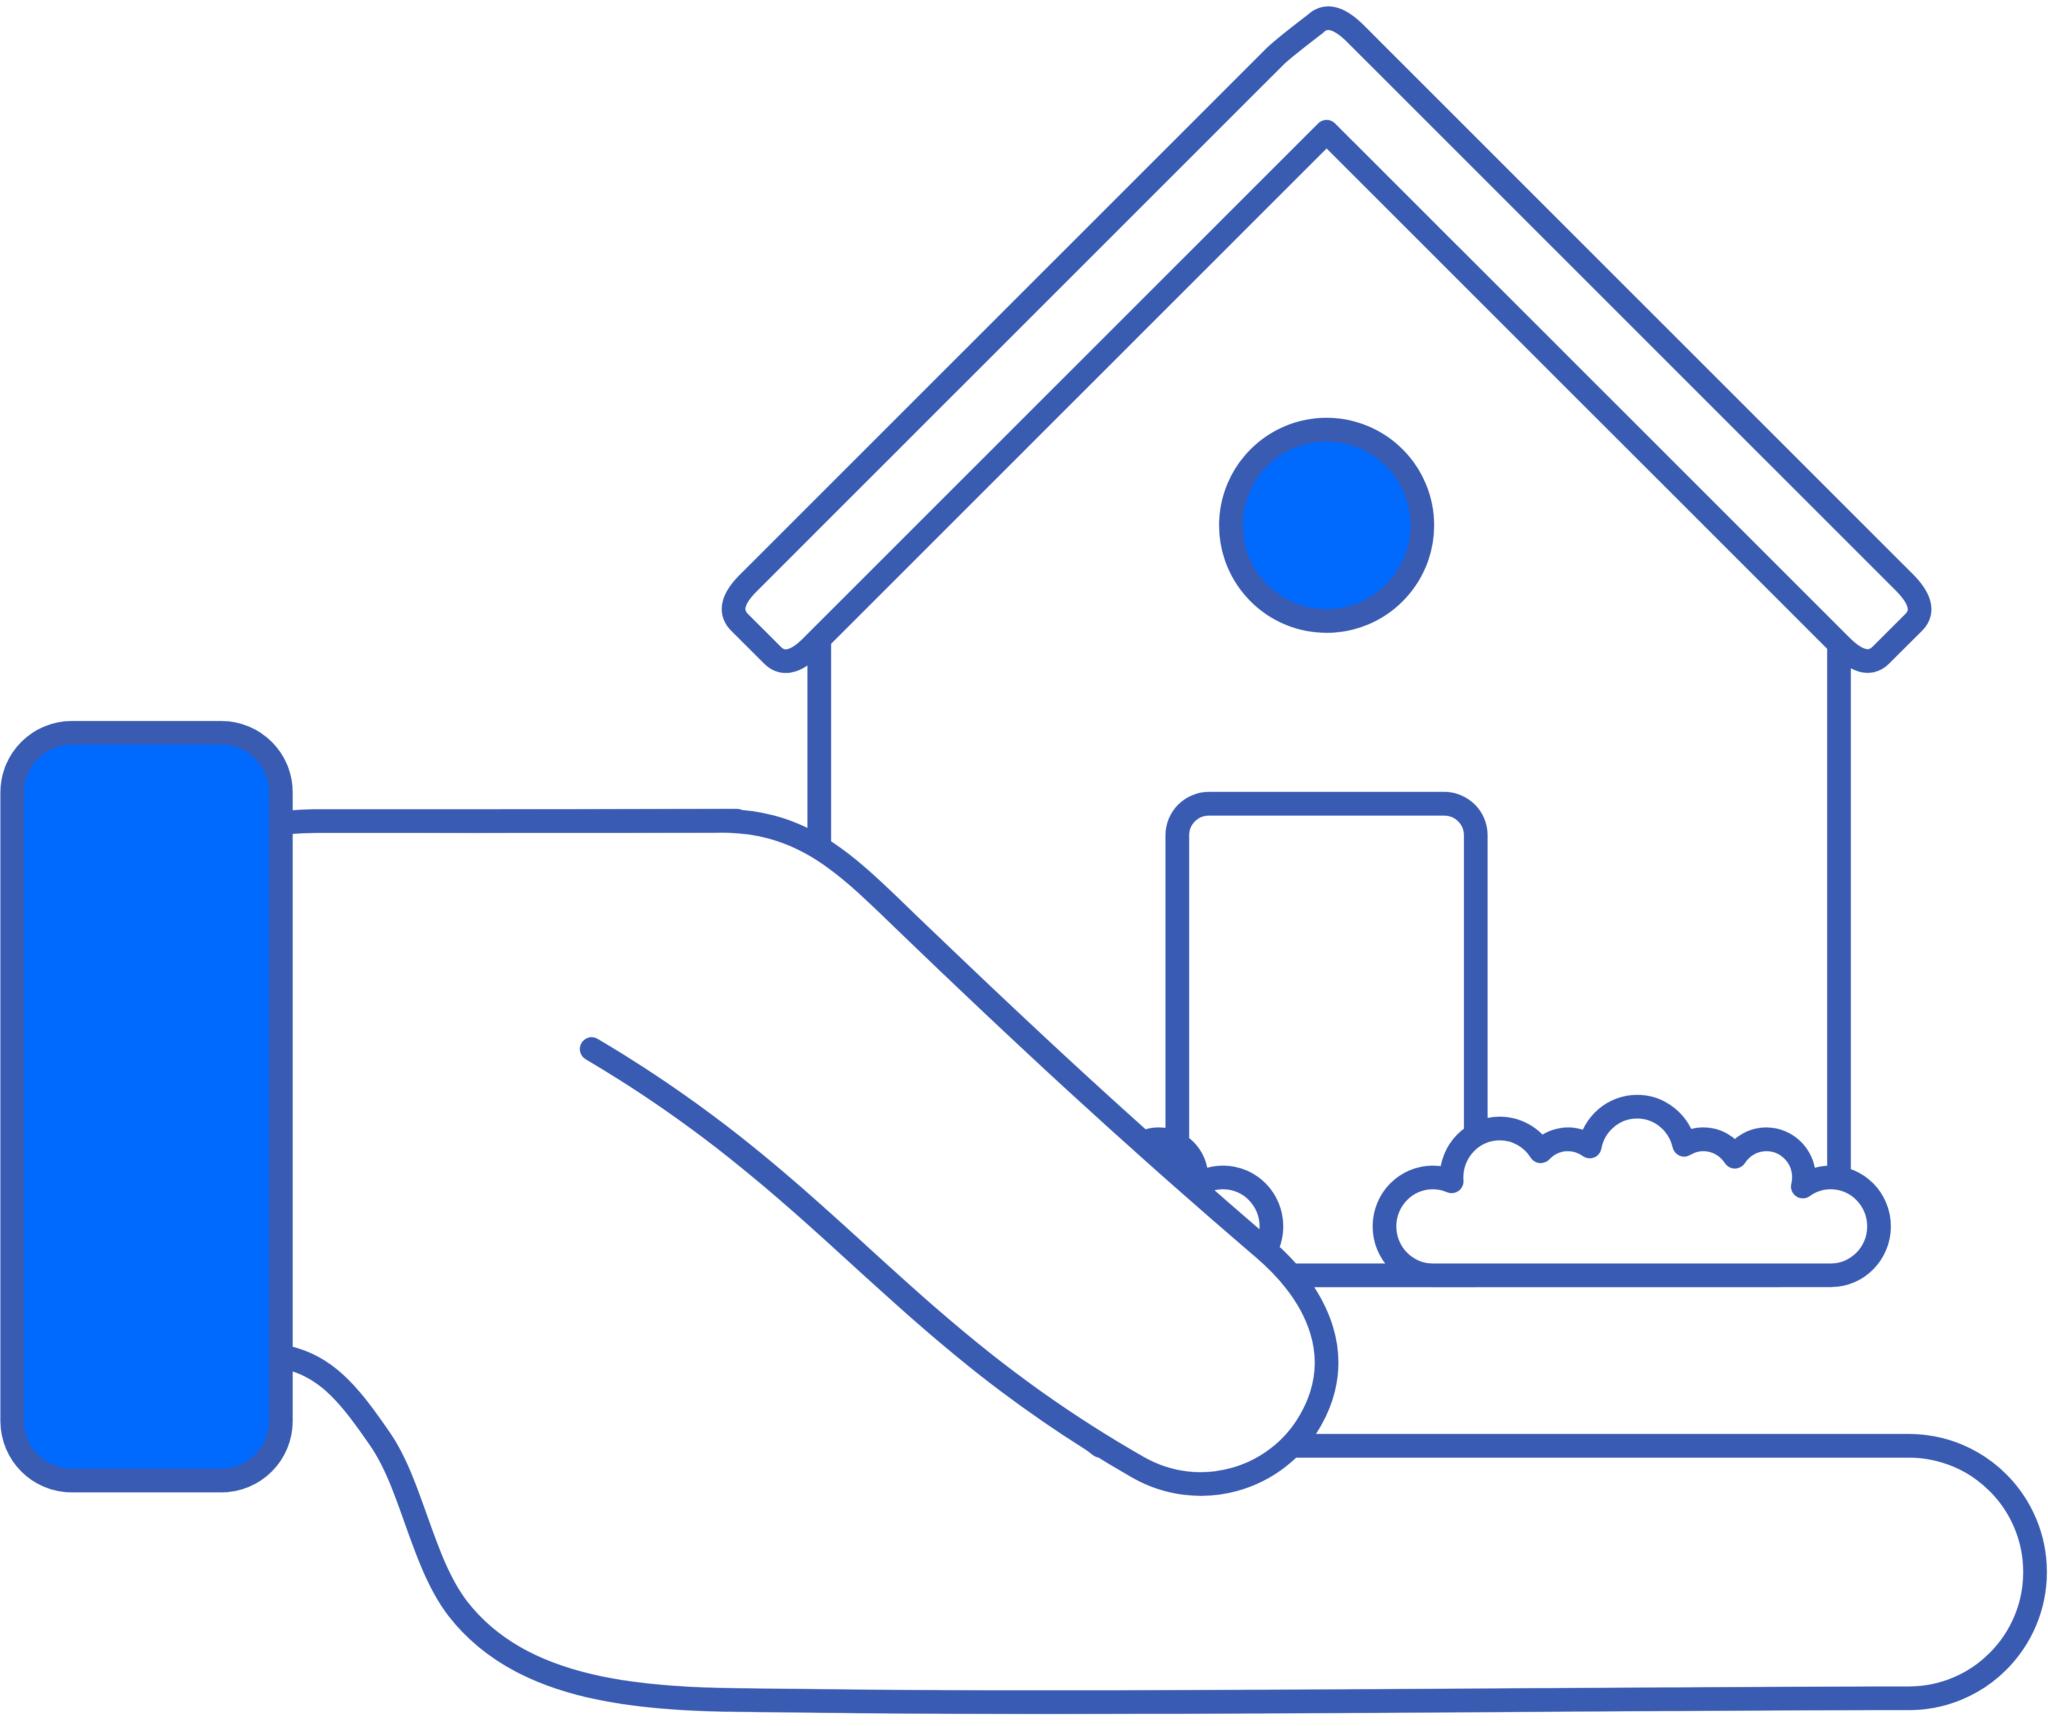 donatemyhouse logo